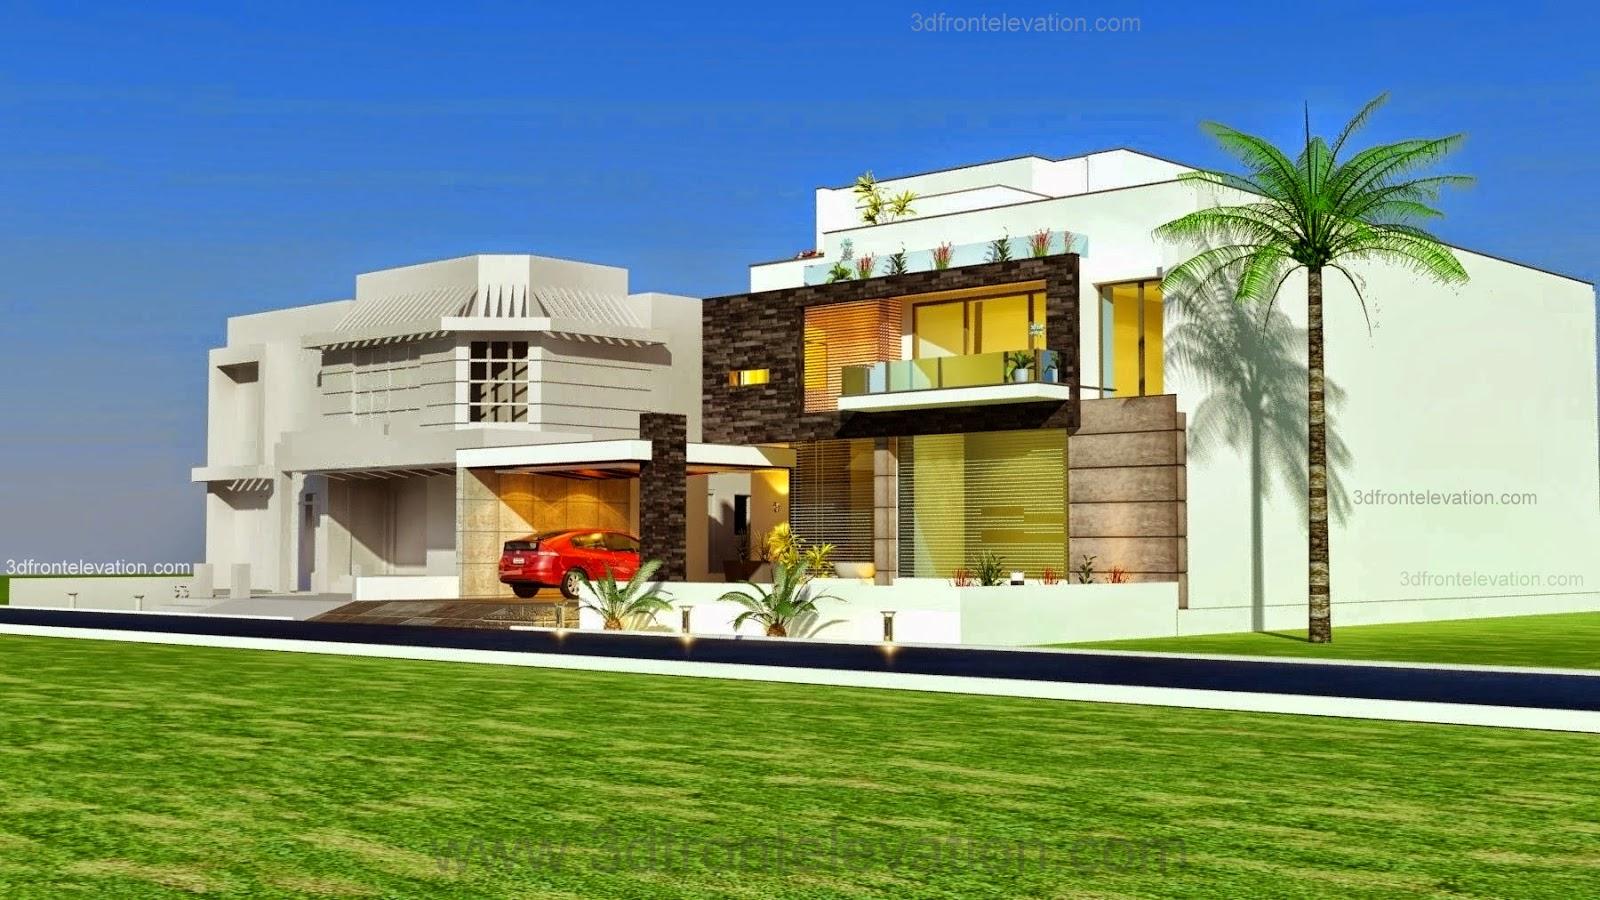 Front View Design Of House In Pakistan Joy Studio Design